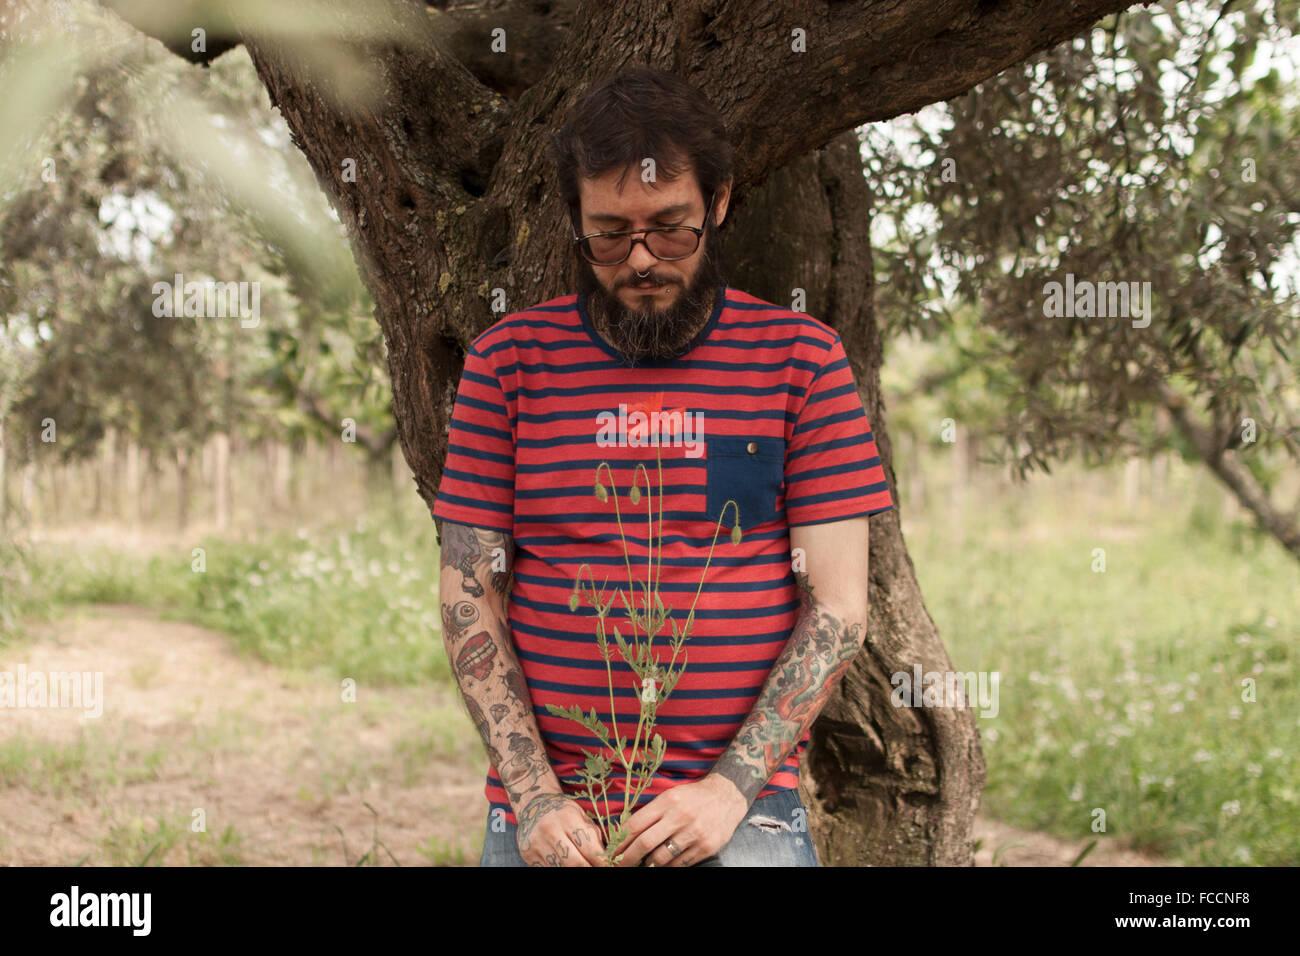 Uomo con fiore mentre si sta in piedi sul campo Immagini Stock